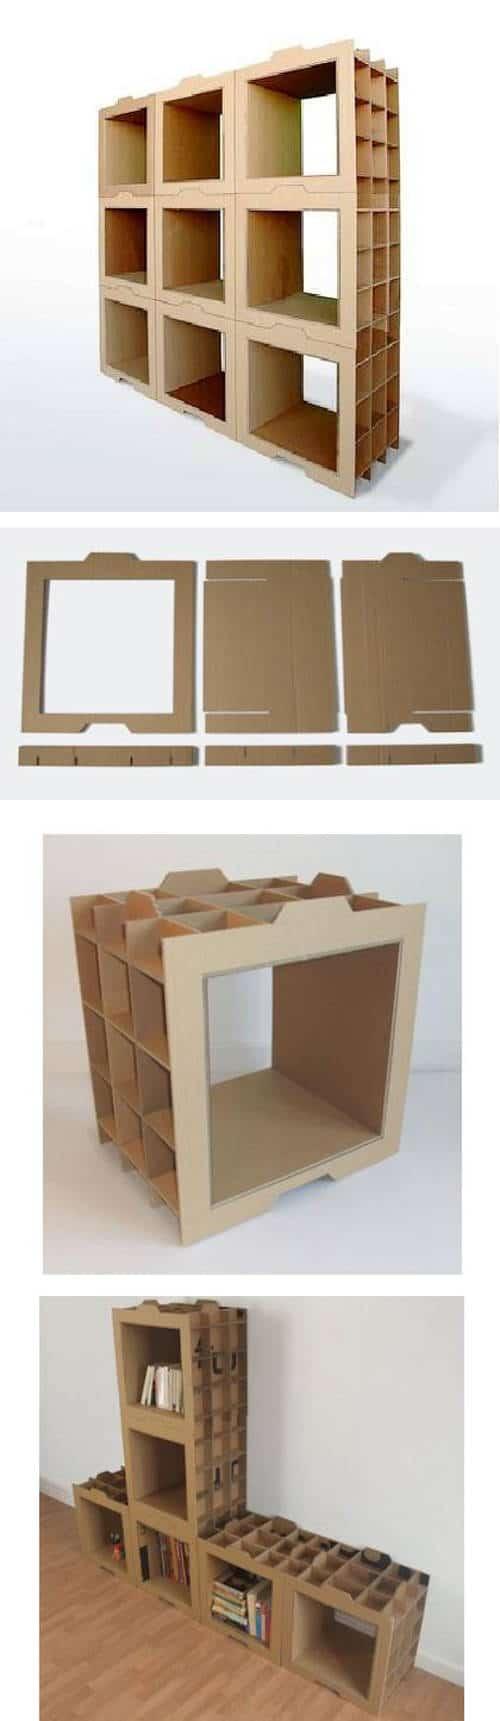 Muebles de cart n hazlo tu mismo taringa for Software para construir muebles